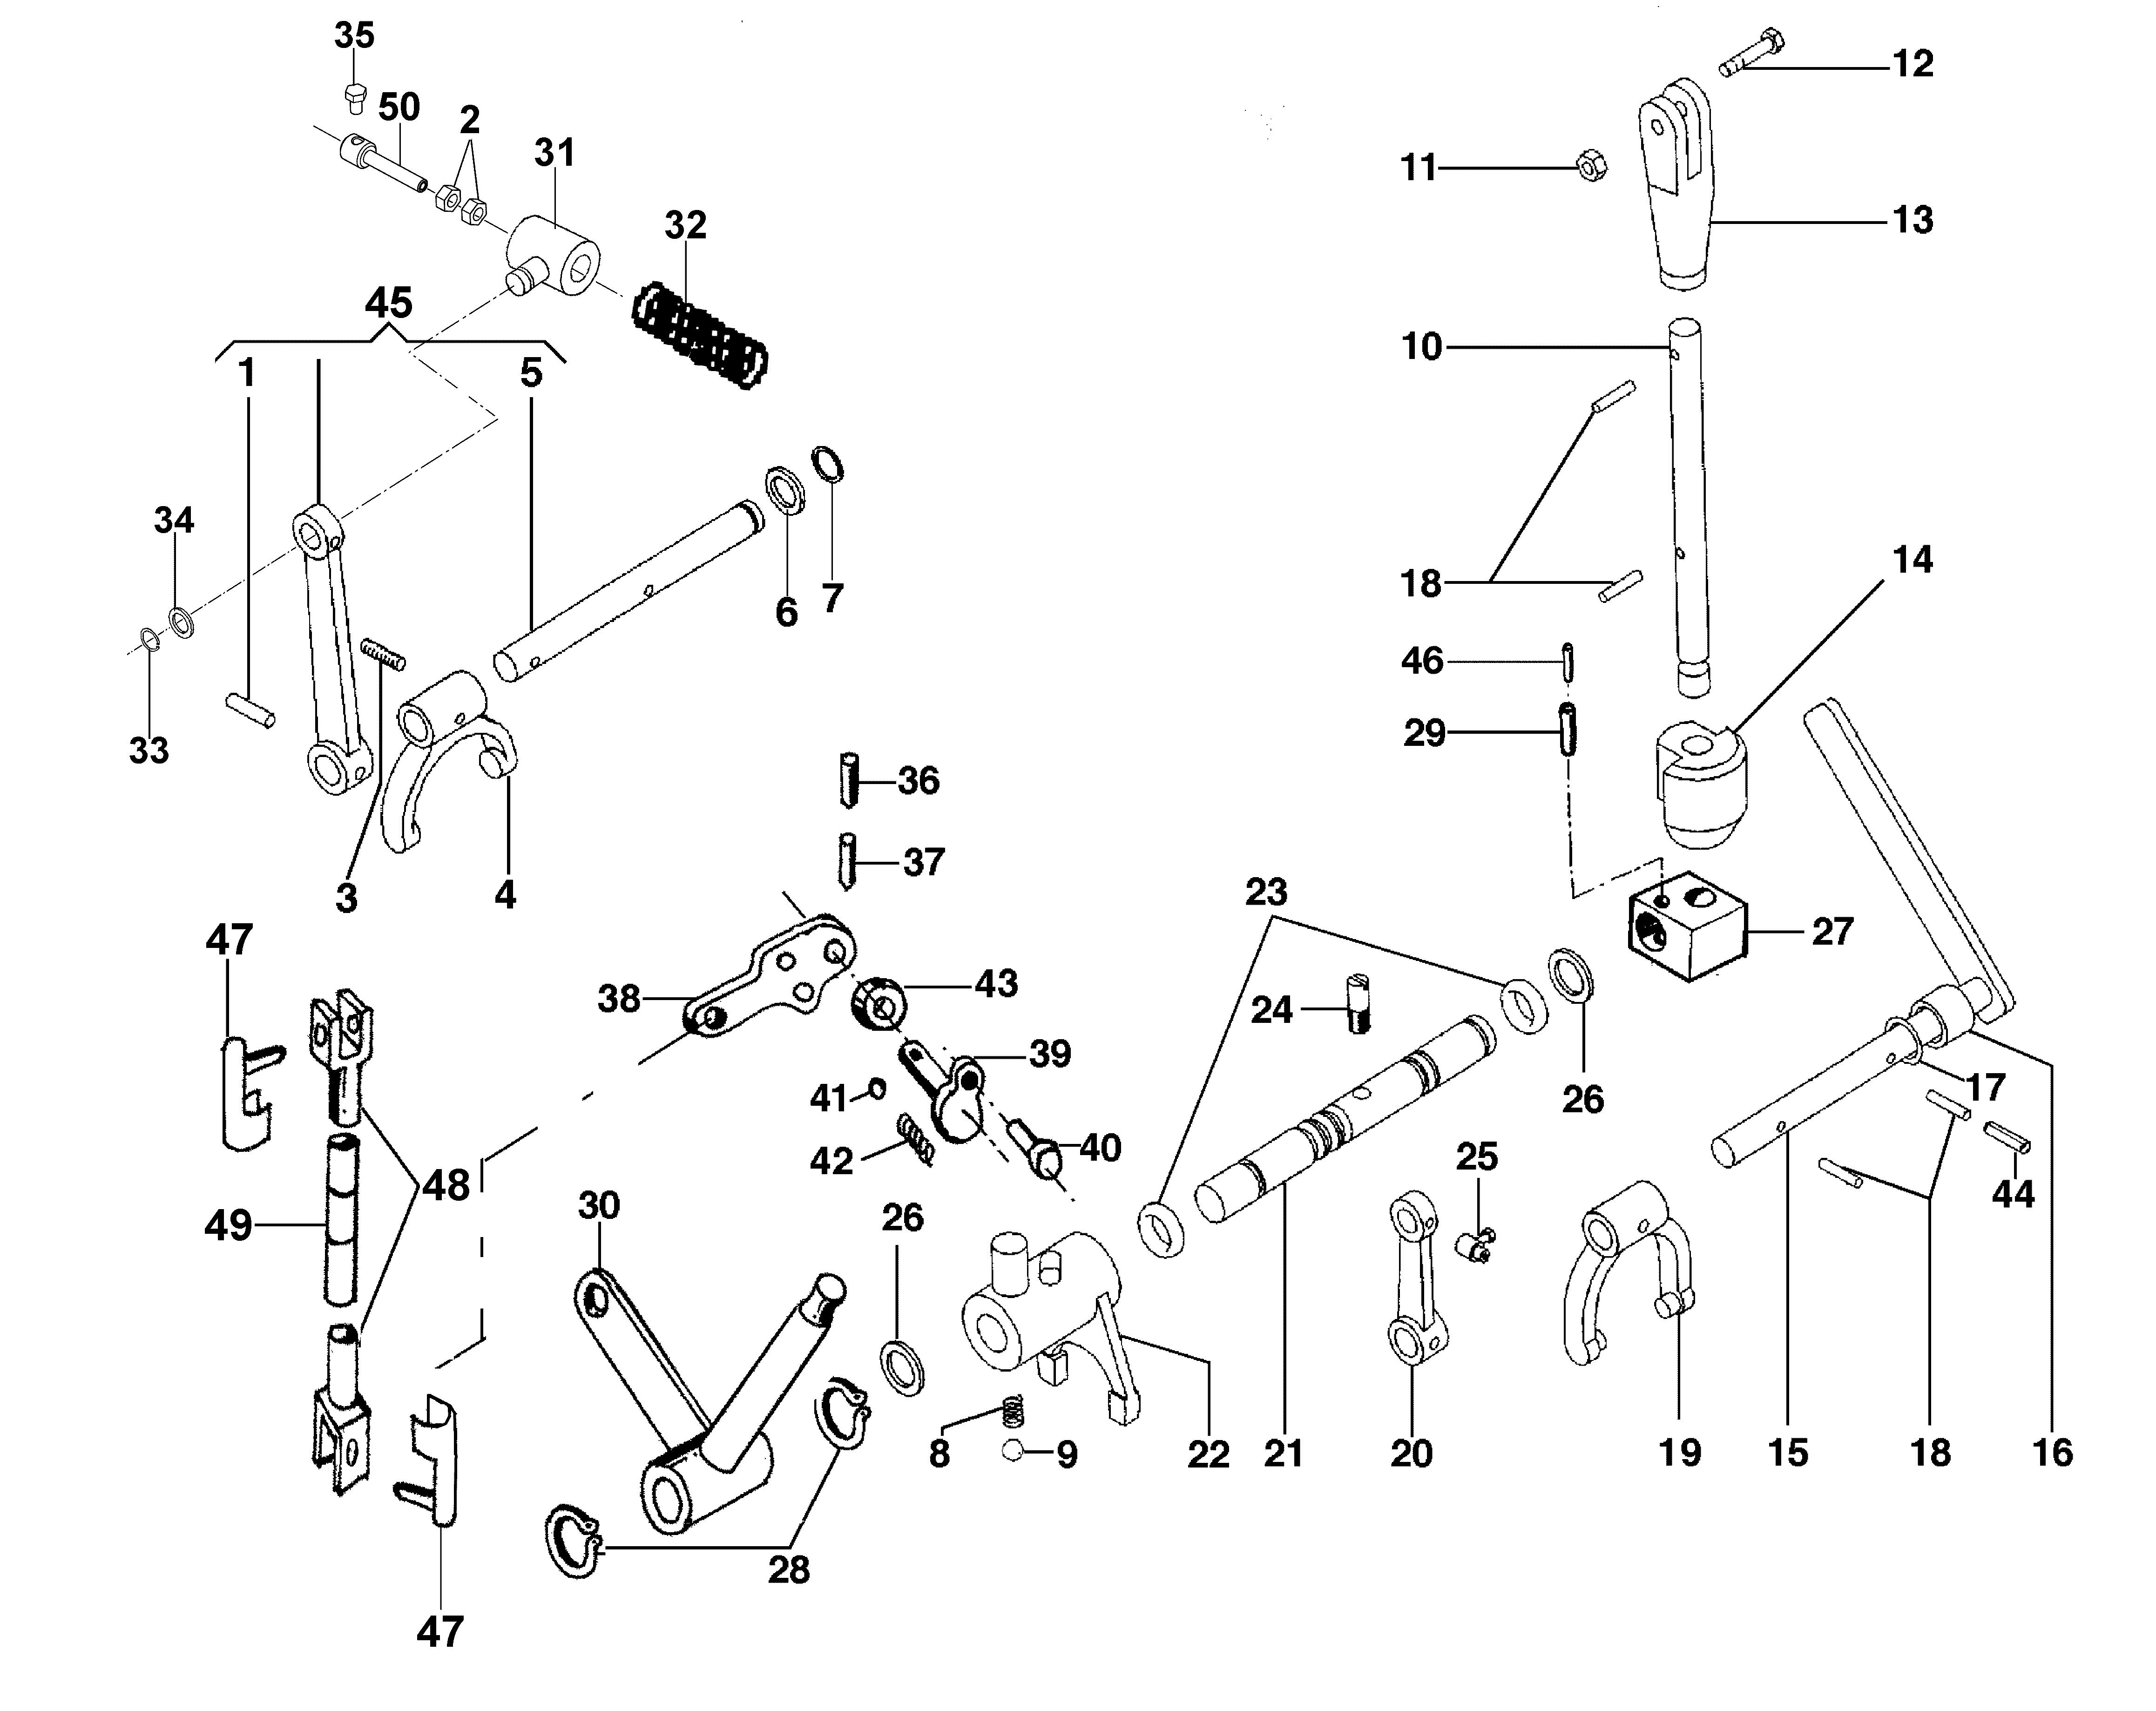 BRIK 3 (EN 709) Motoculteur OLEOMAC NIBBI vue éclatée Dessins pièces -  Commandes intérieurs